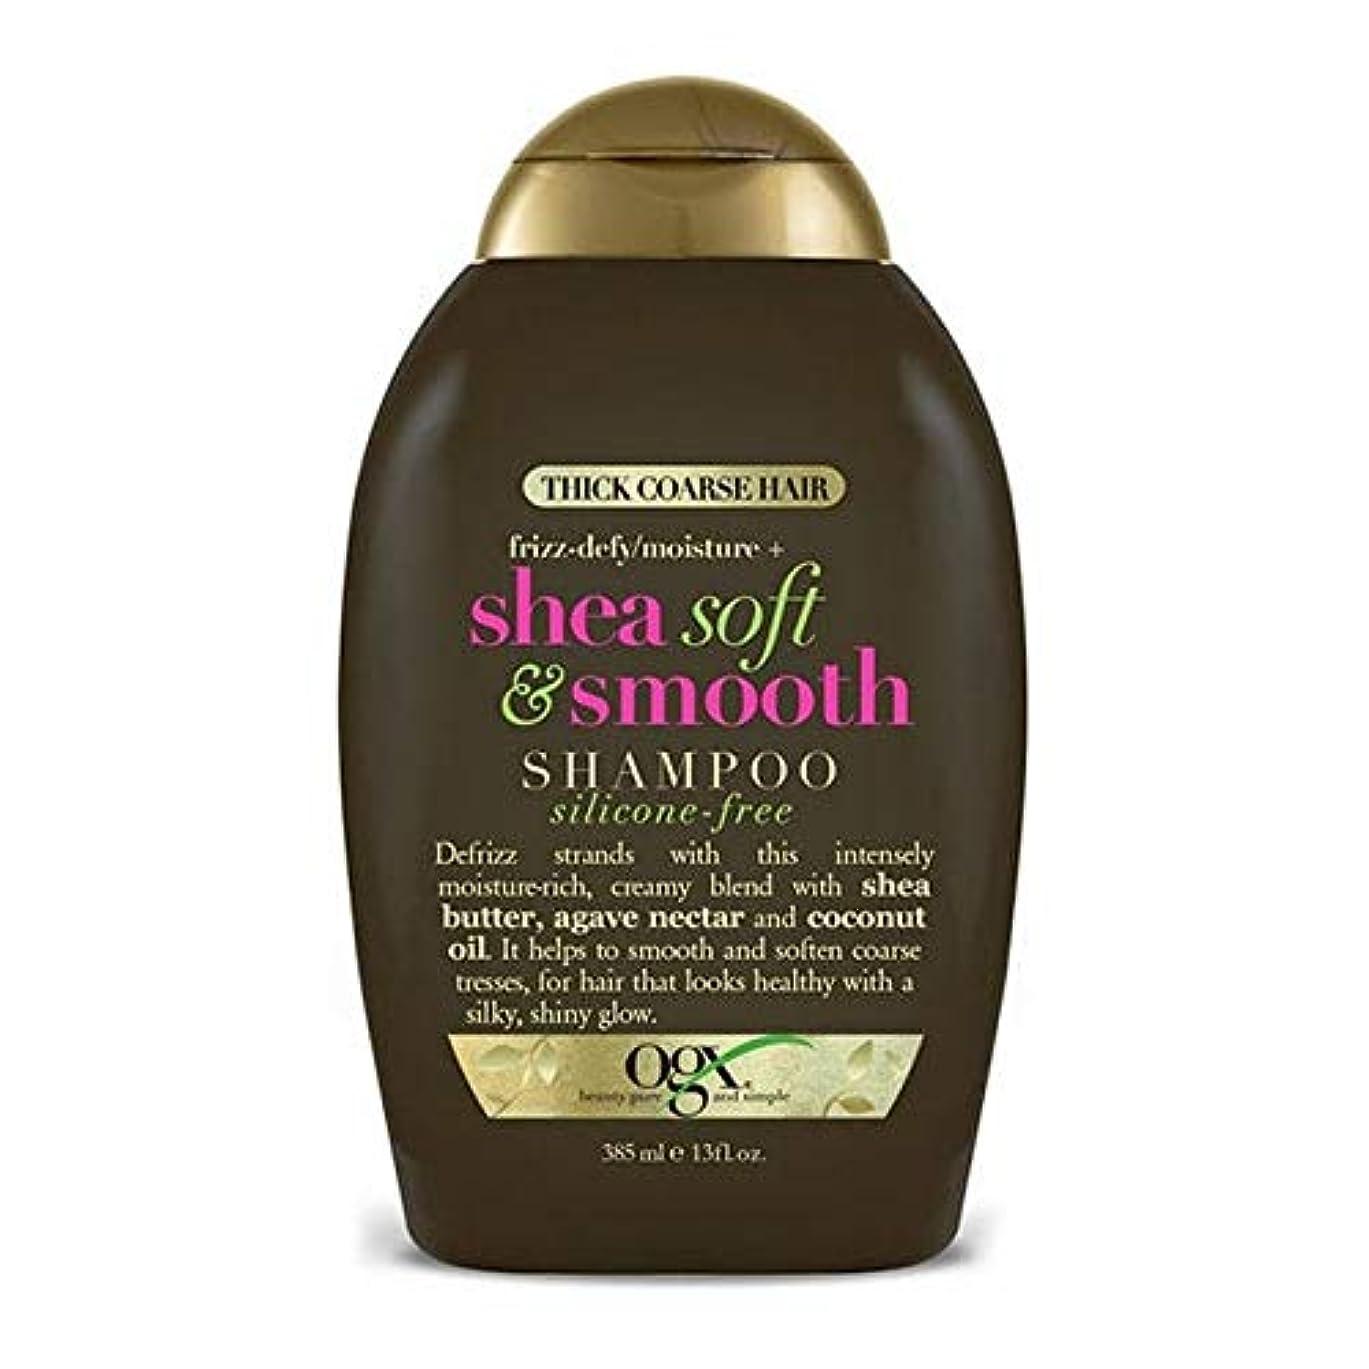 競争力のあるファイバ混乱した[Ogx] Ogxシリコンフリーシアソフトで滑らかなシャンプー385ミリリットル - OGX Silicone-Free Shea Soft and Smooth Shampoo 385ml [並行輸入品]